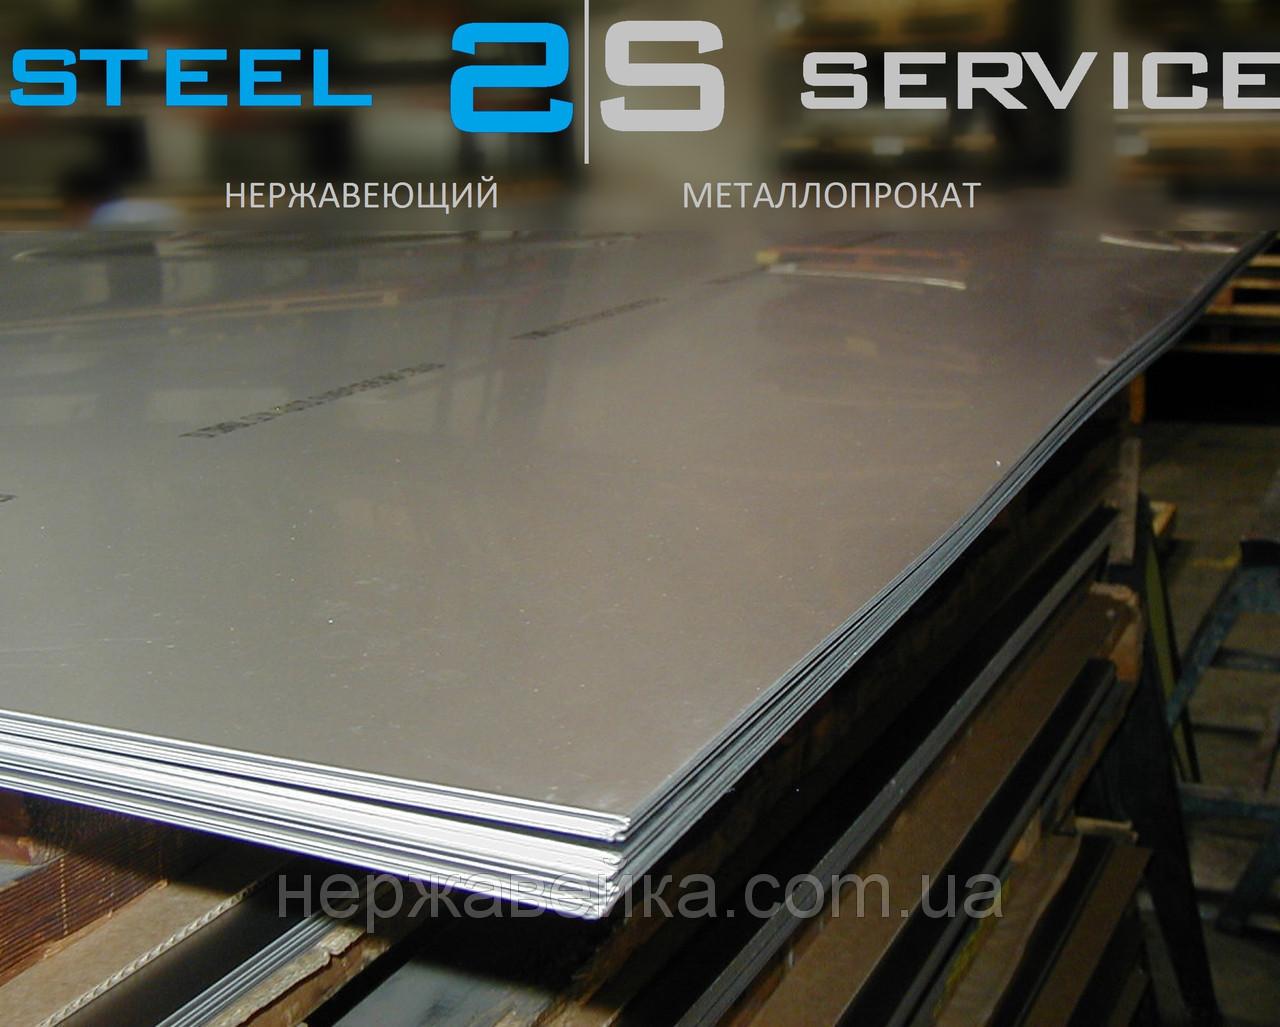 Нержавеющий лист  1,5х1250х2500мм AISI 430(12Х17) 2B DECO, декоративный в пленке, лен